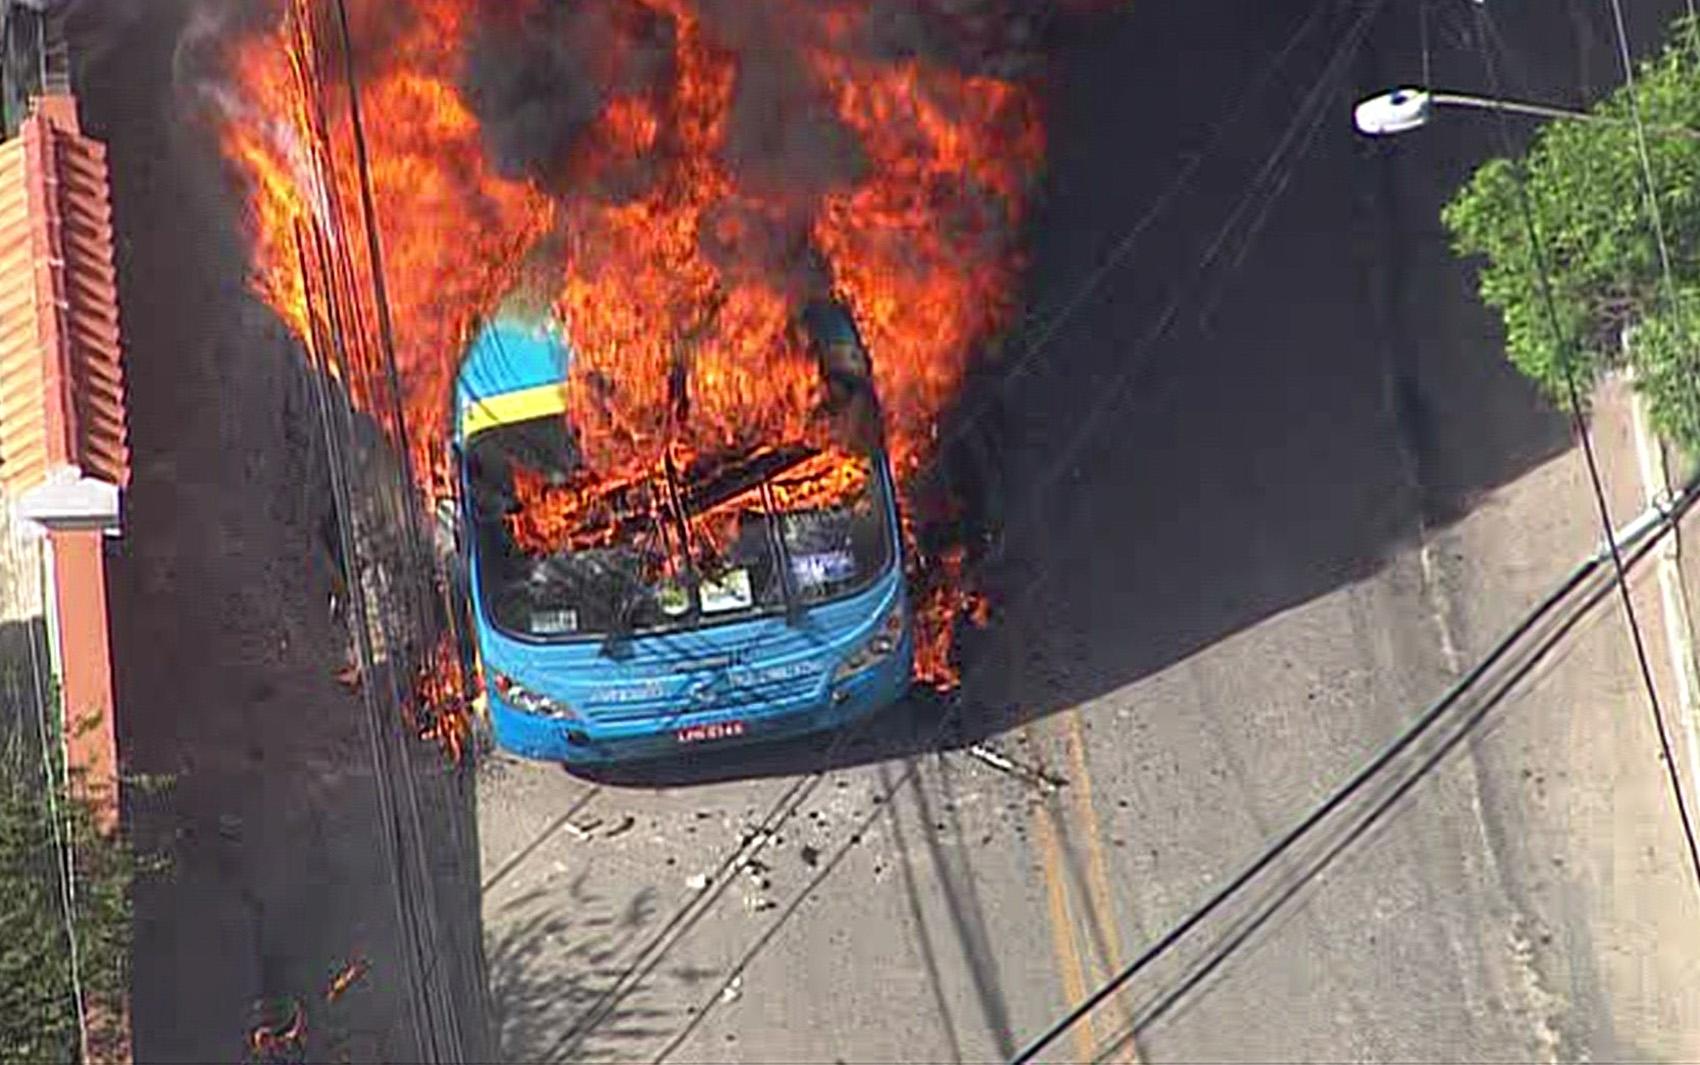 Veículos são queimados em protesto no bairro Caramujo, em Niterói